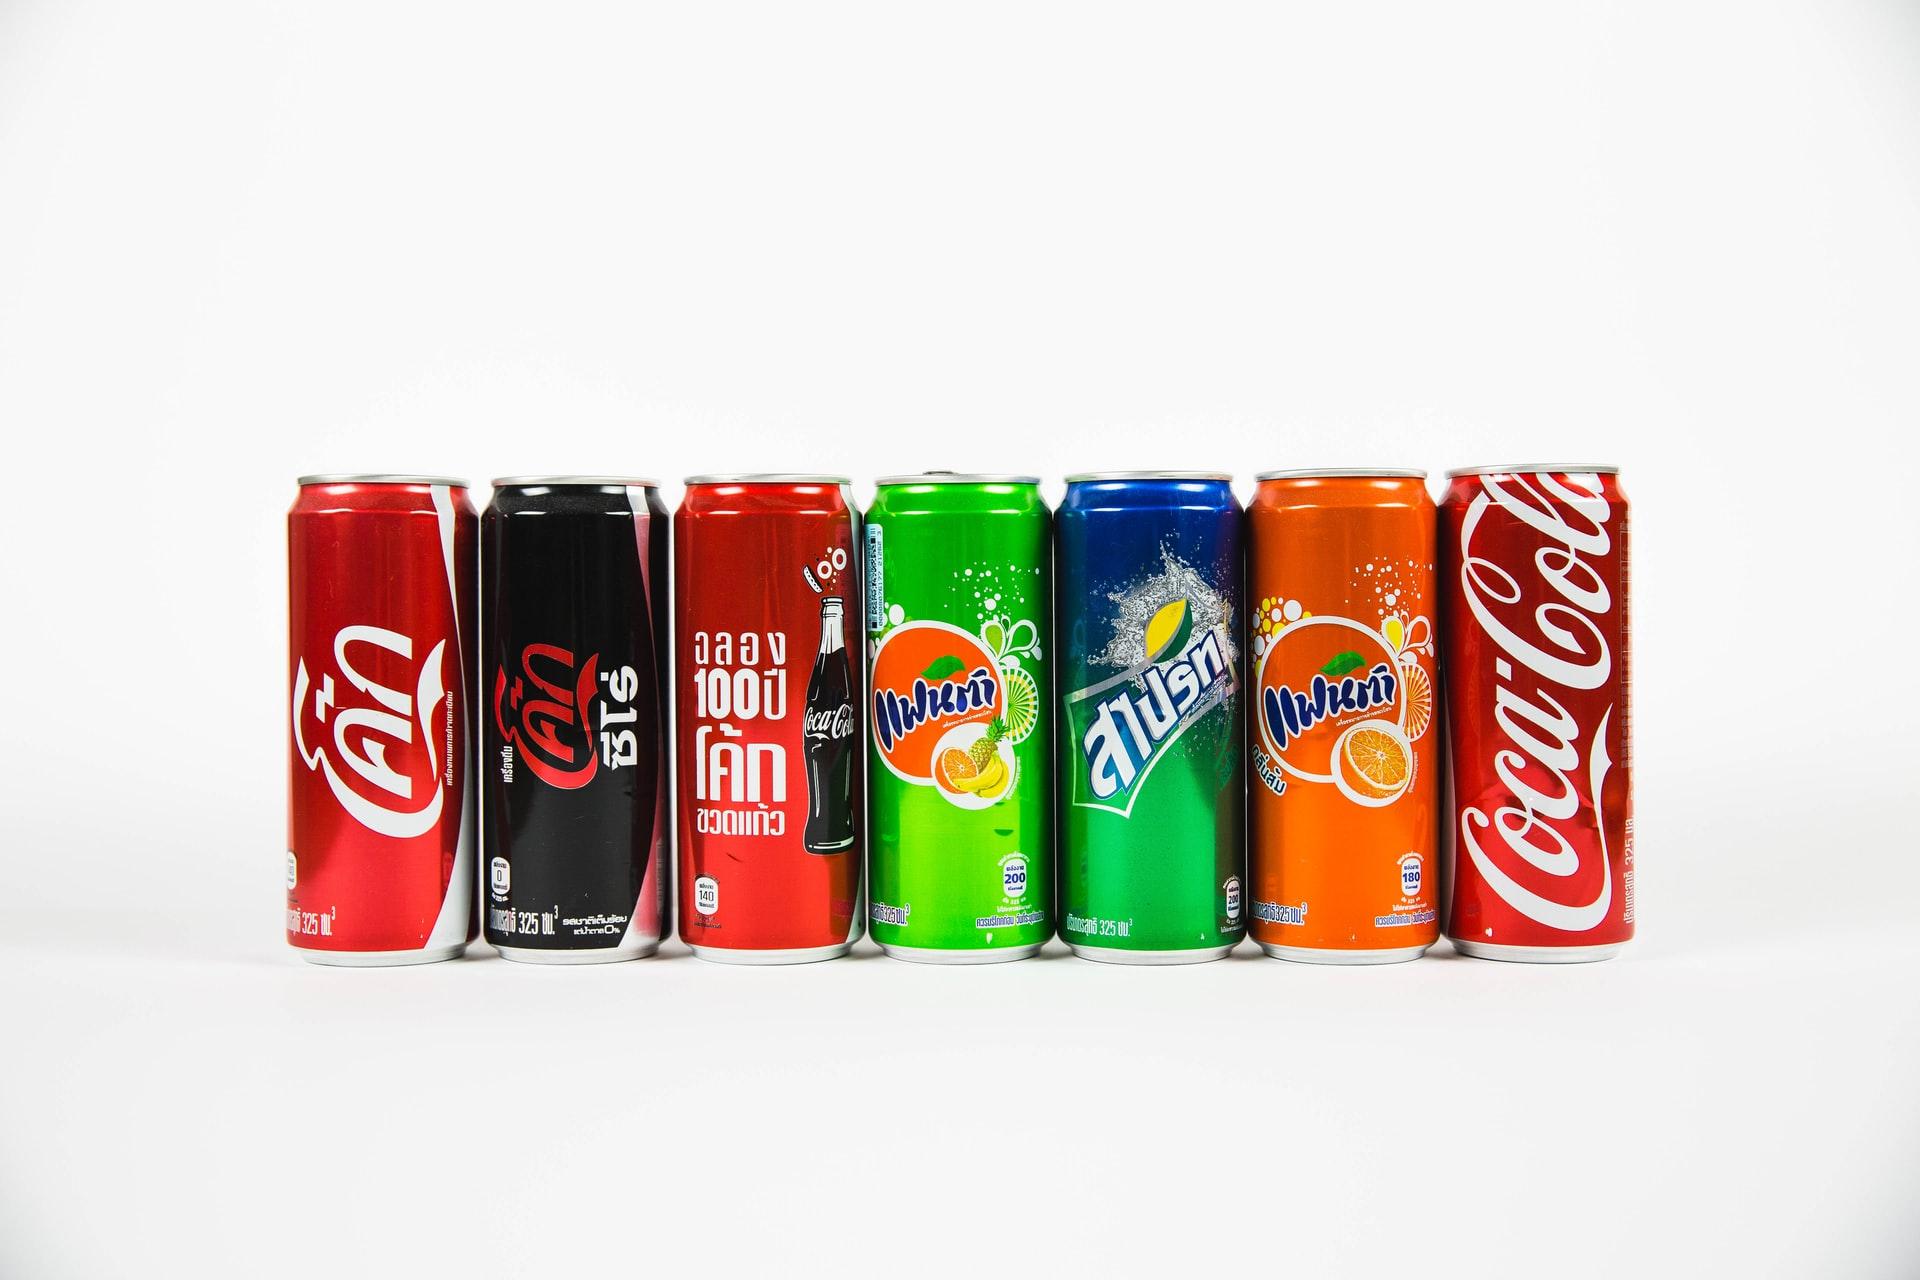 Corporate Identity von ähnlichen Getränke-Marken